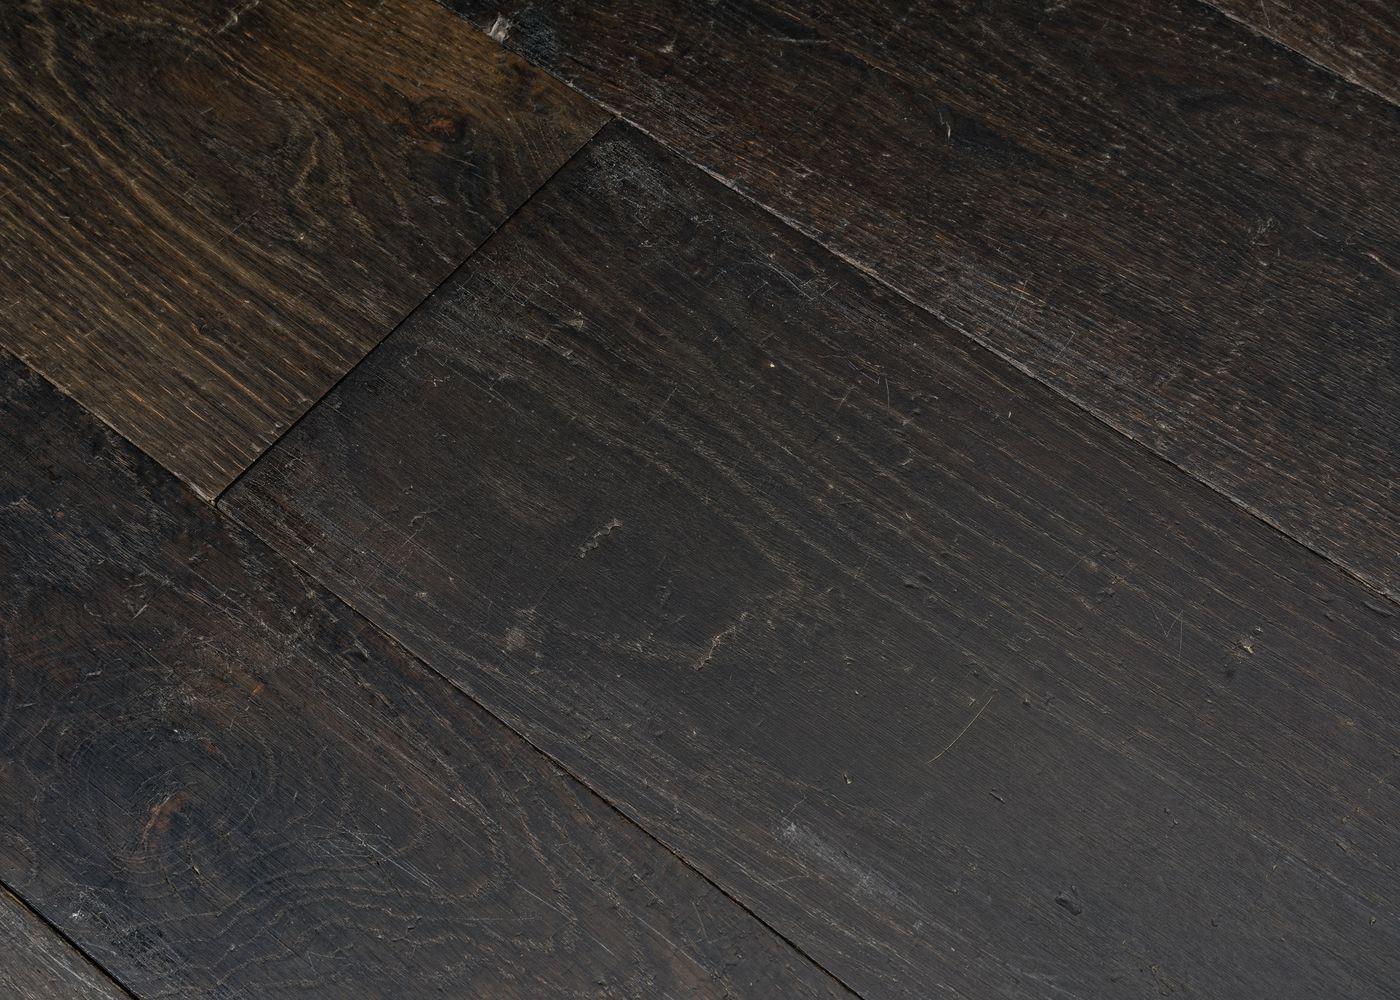 Parquet chêne massif SHEFFIELD vieilli huile cire 15x120-200x1800-2700